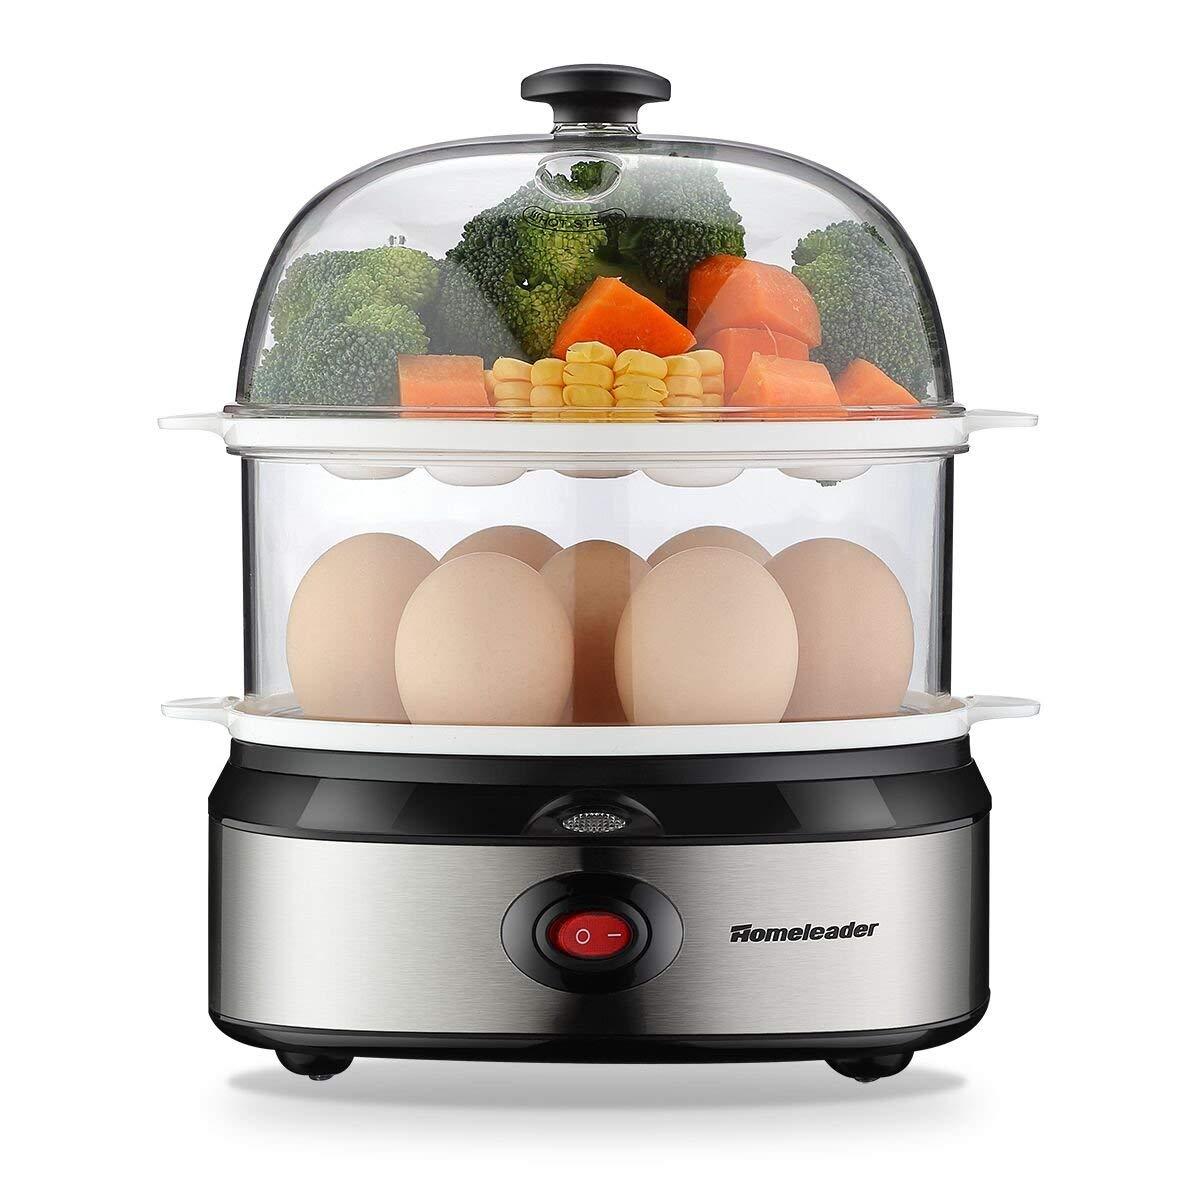 Homeleader Egg Cooker